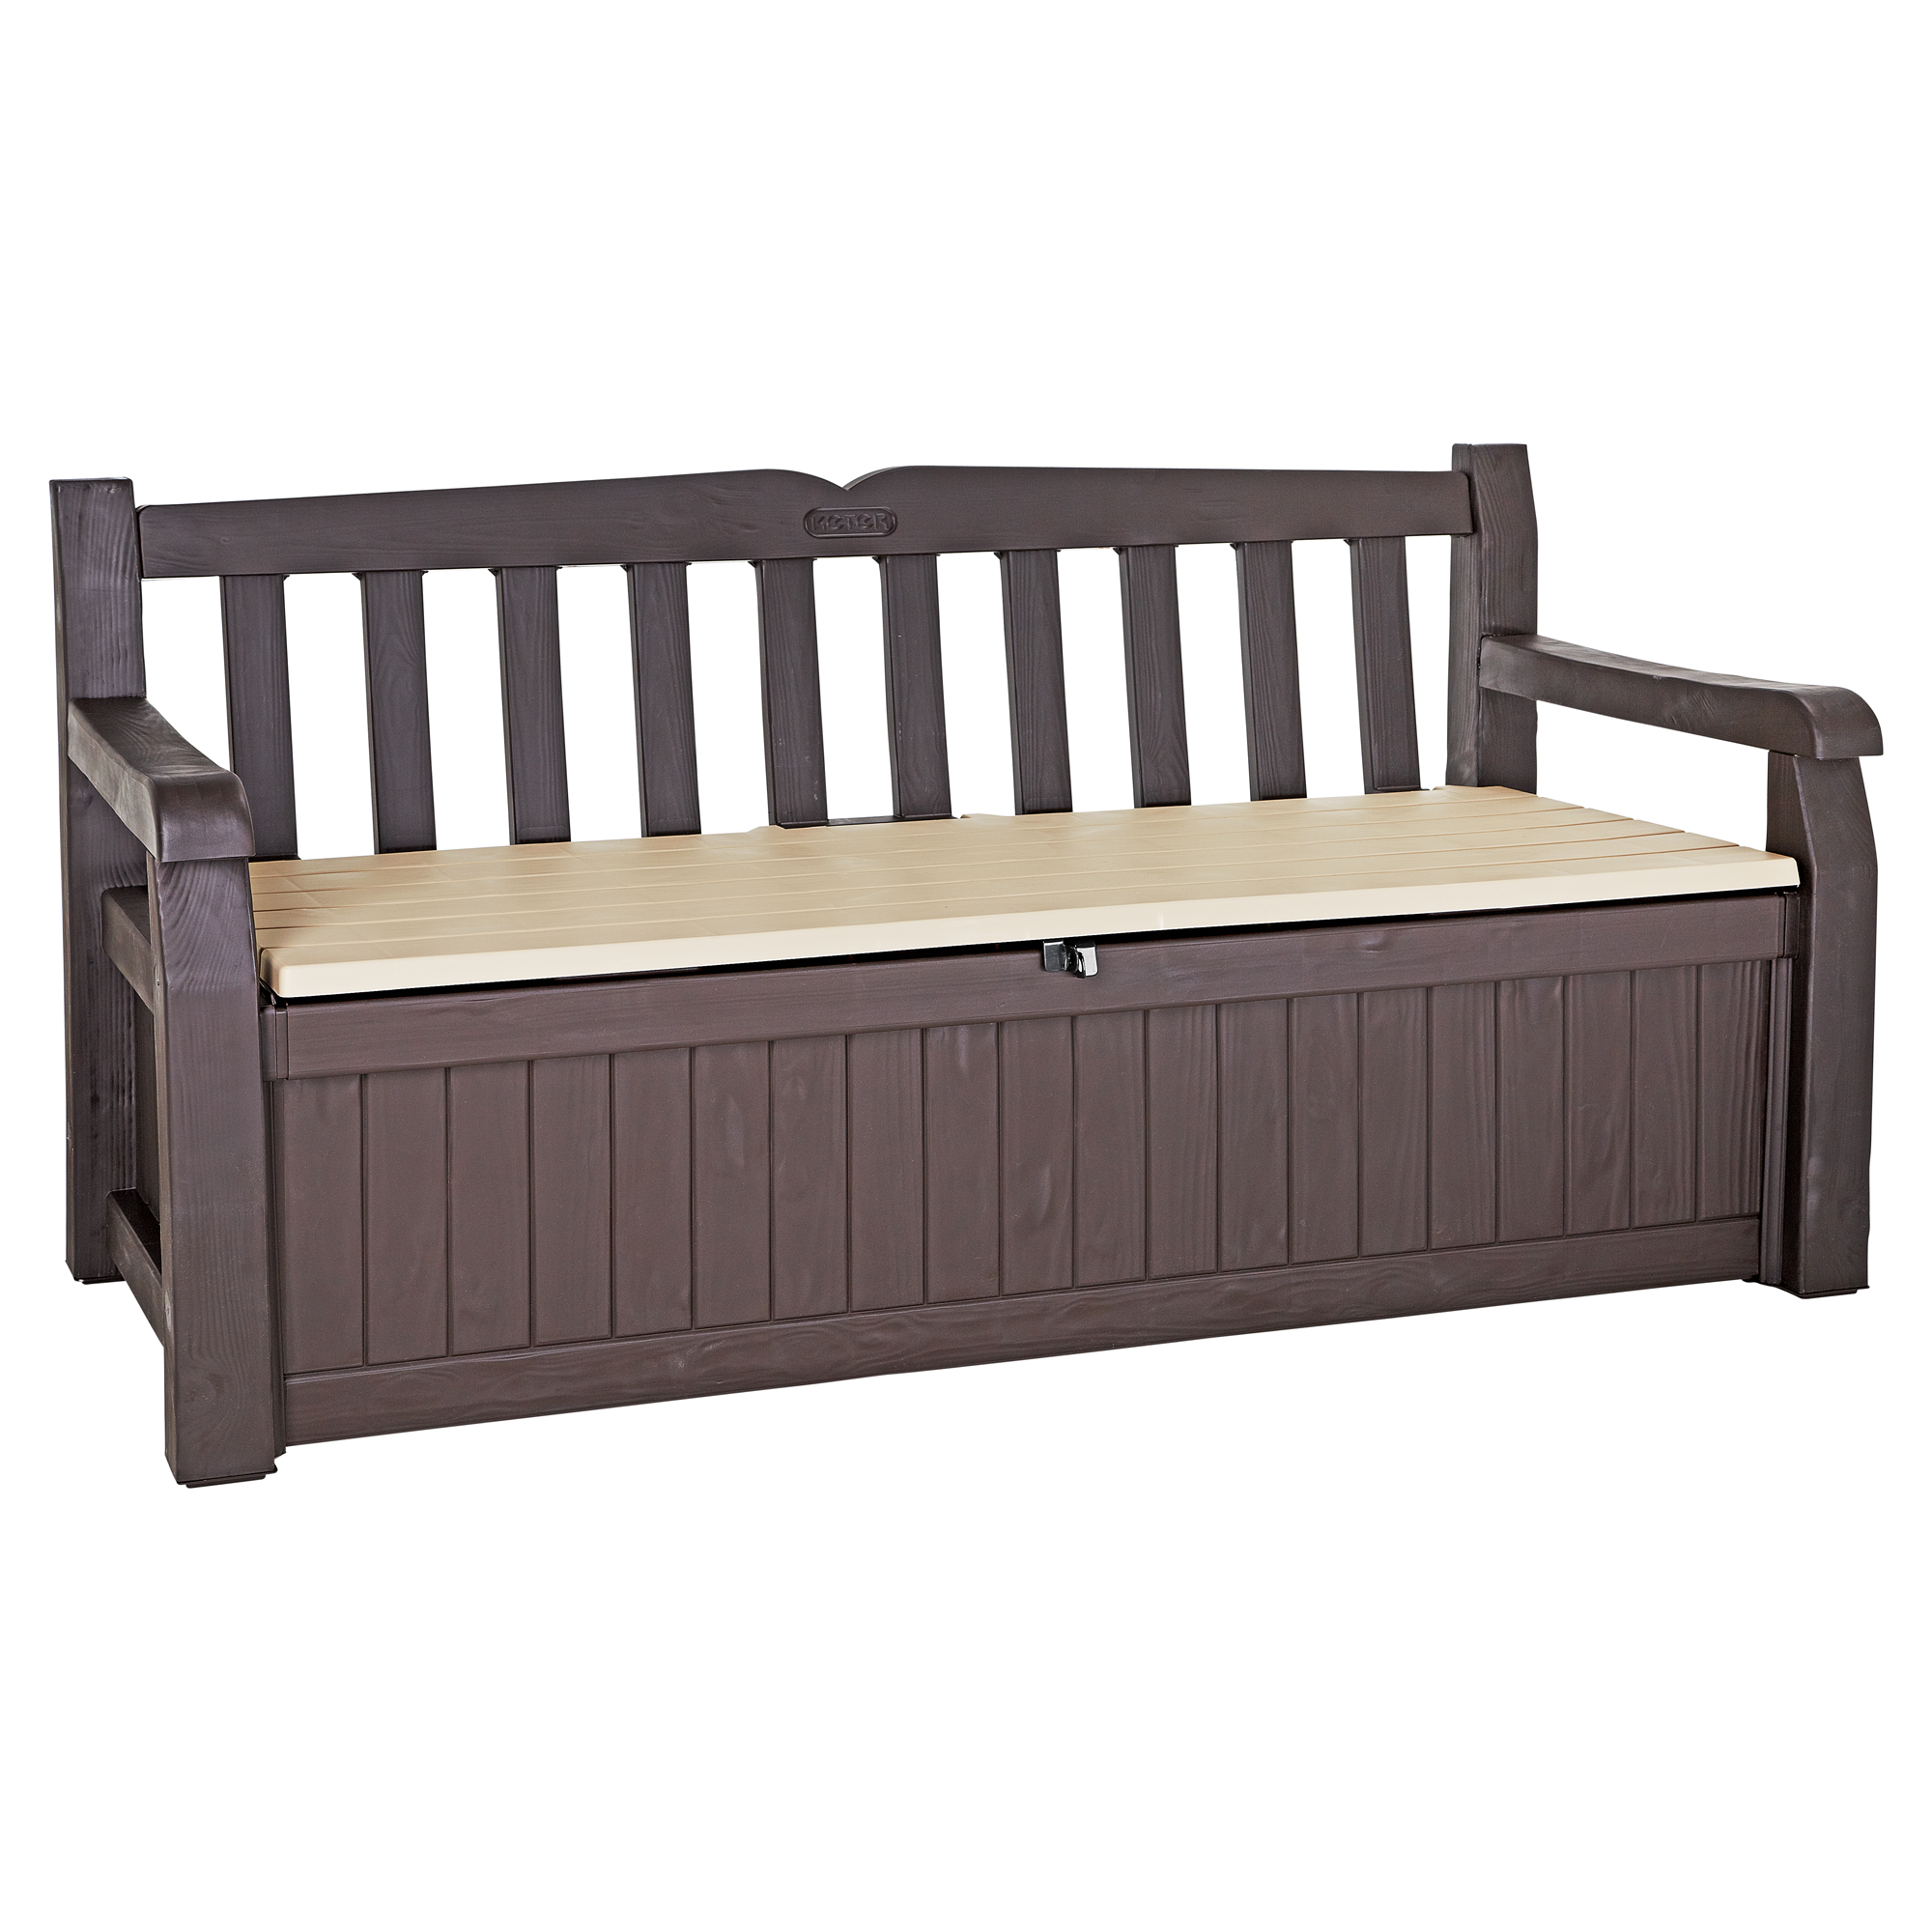 gartenbank 2 sitzer mit stauraum toom baumarkt. Black Bedroom Furniture Sets. Home Design Ideas